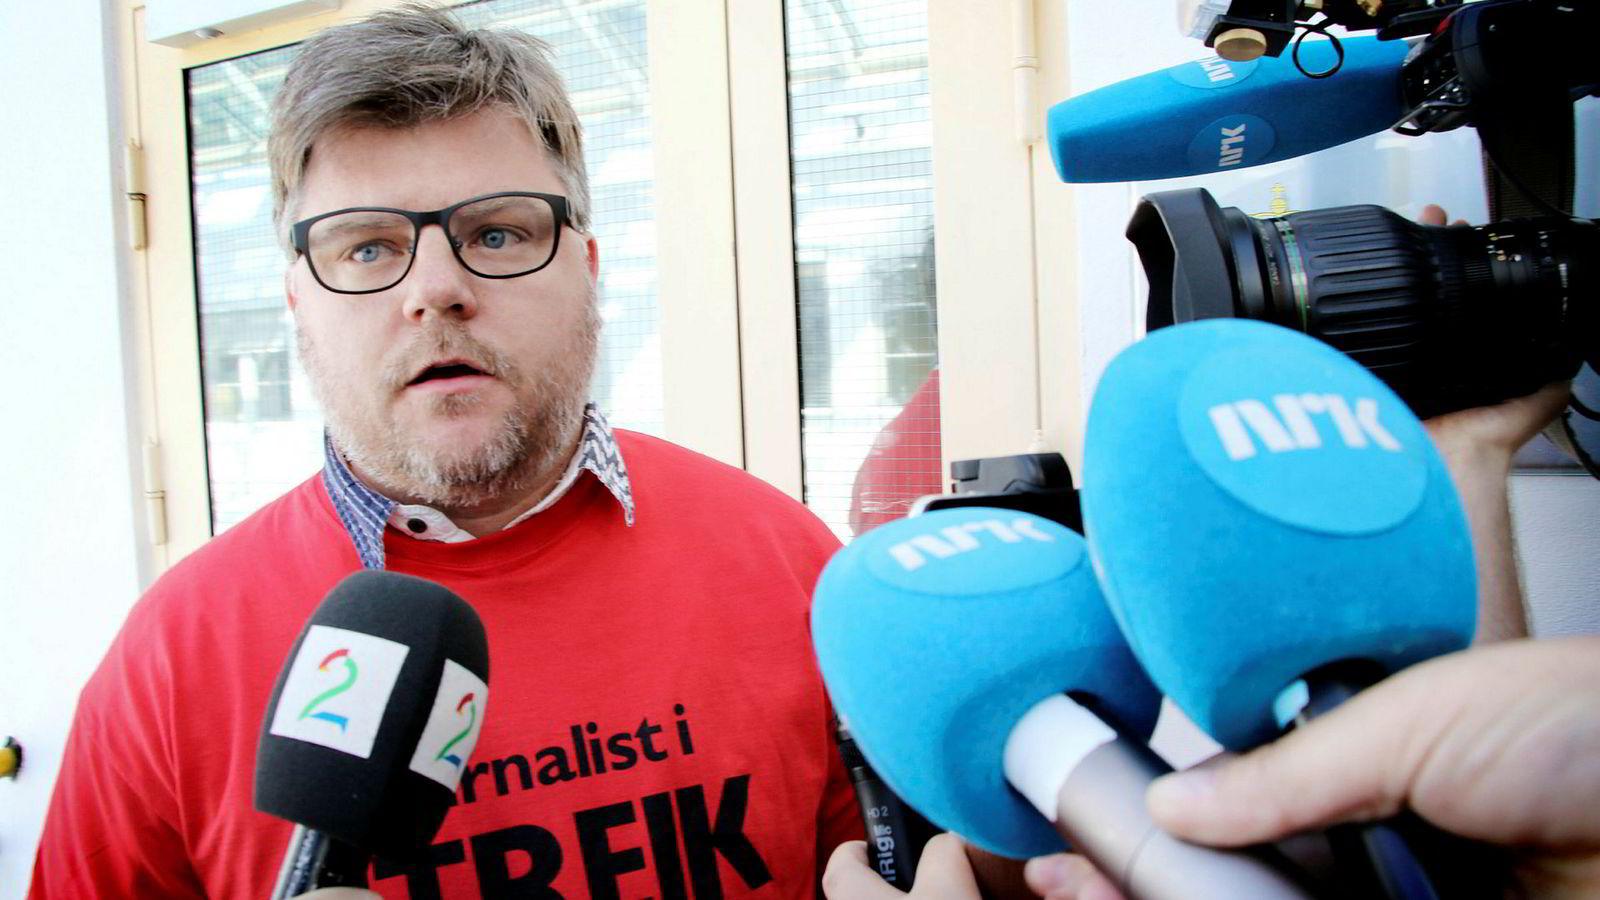 NJ-leder i NRK Richard Aune informerer om at NJ-ansatte i NRK går ut i streik.